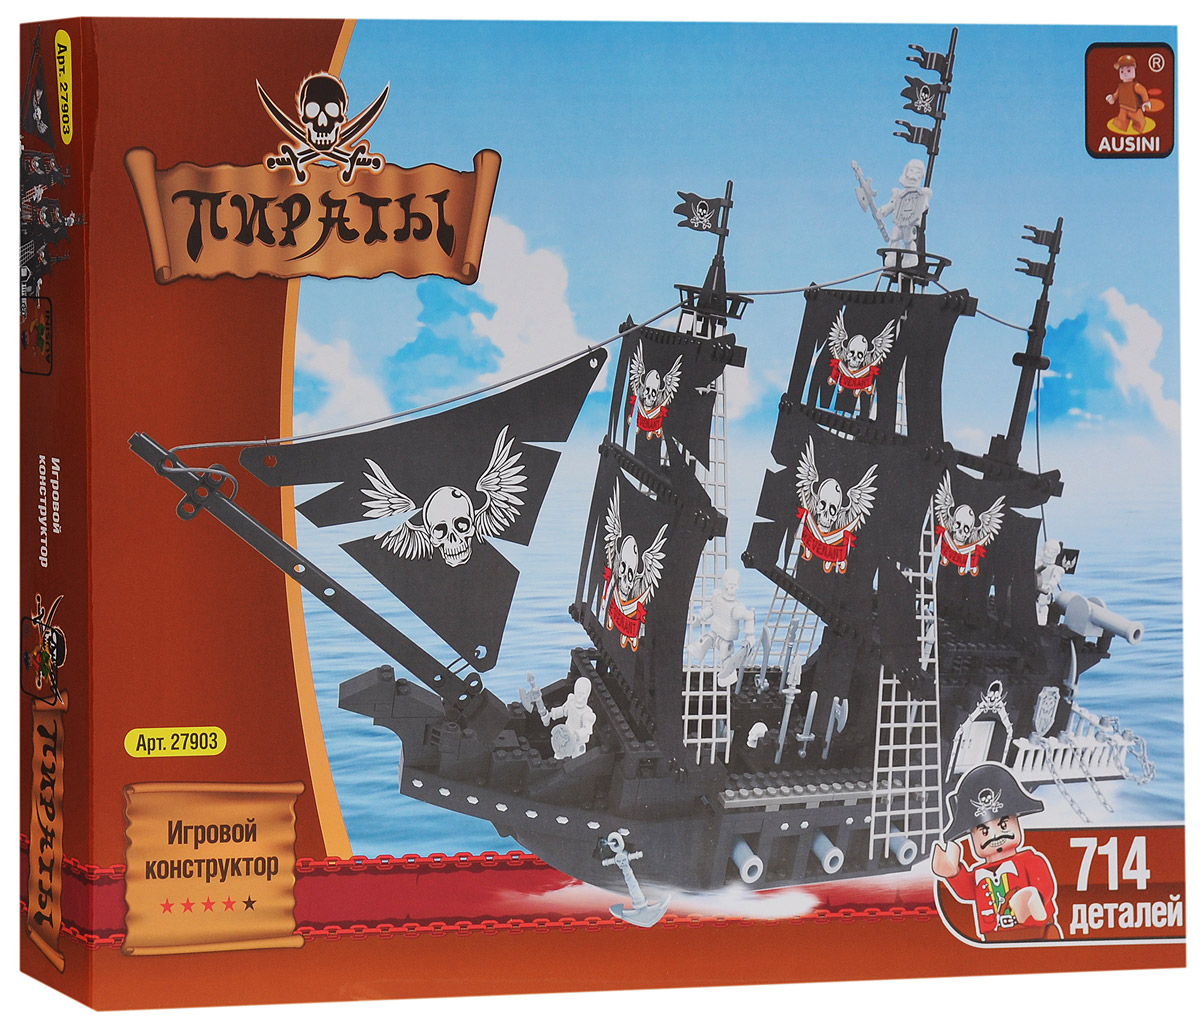 Ausini Конструктор Пиратский корабль elc корабль пластик пиратский